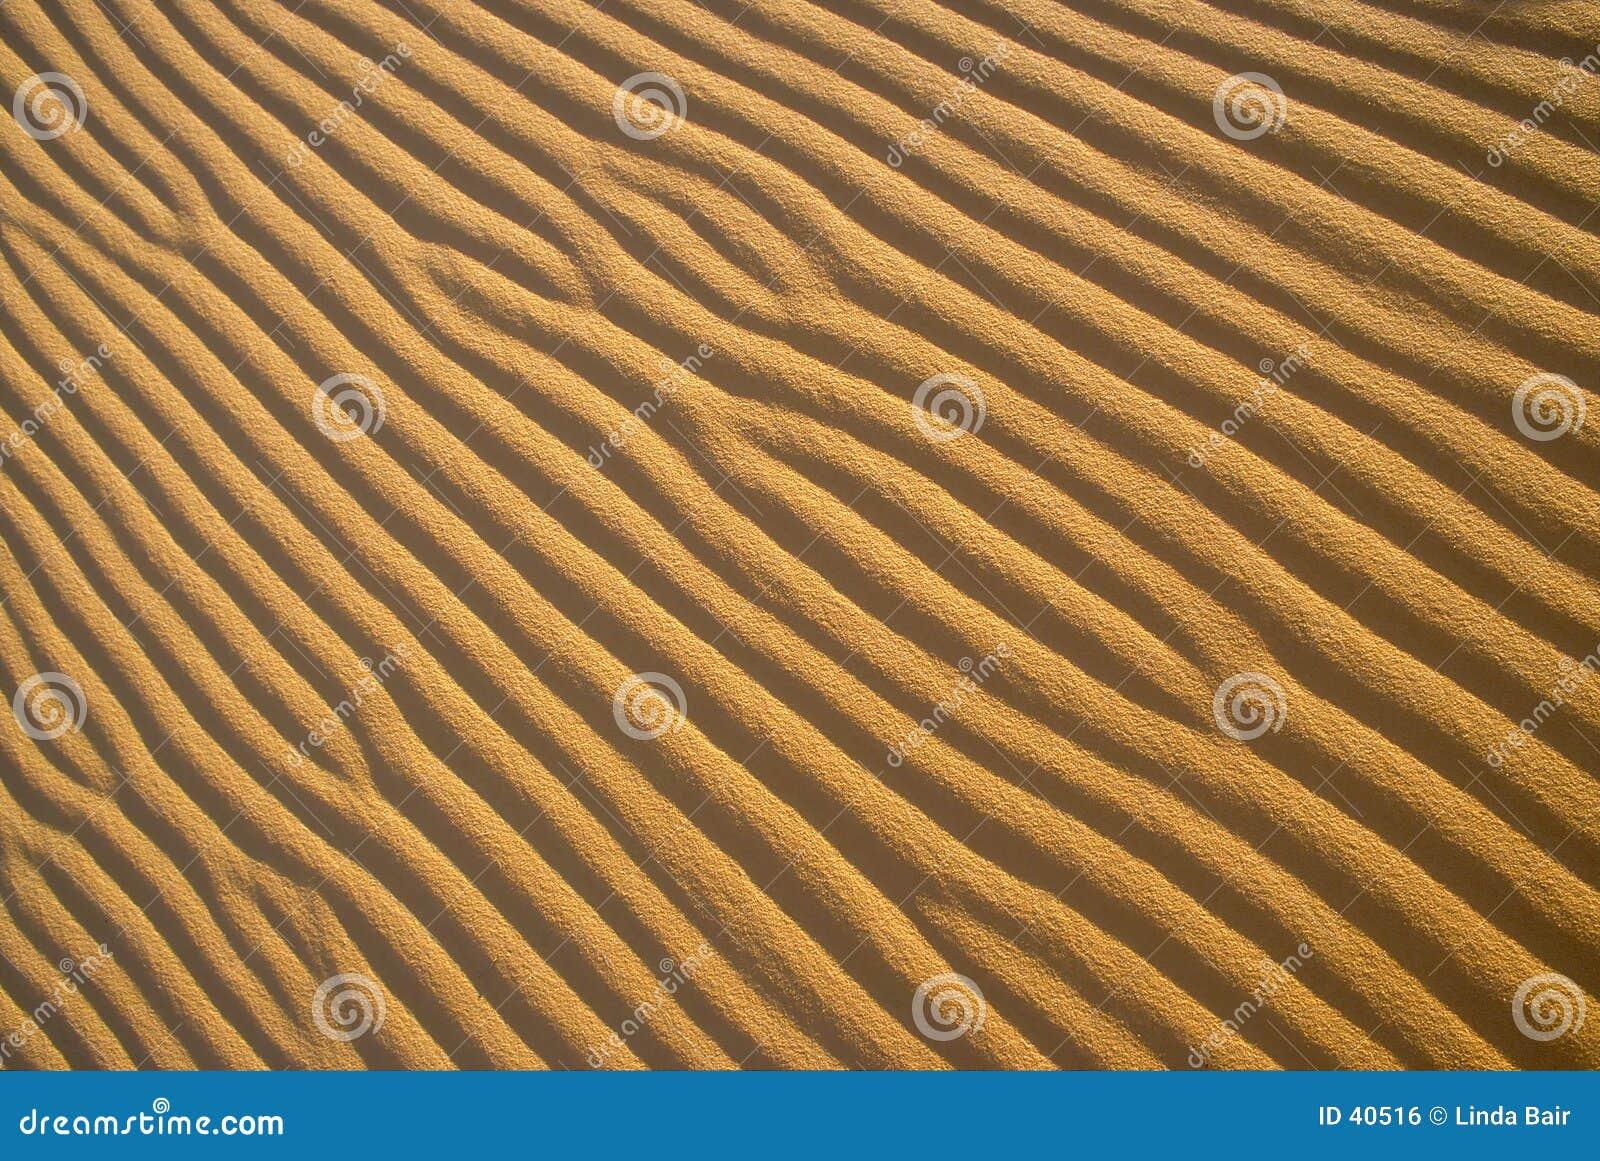 άμμος κυματώσεων προτύπων